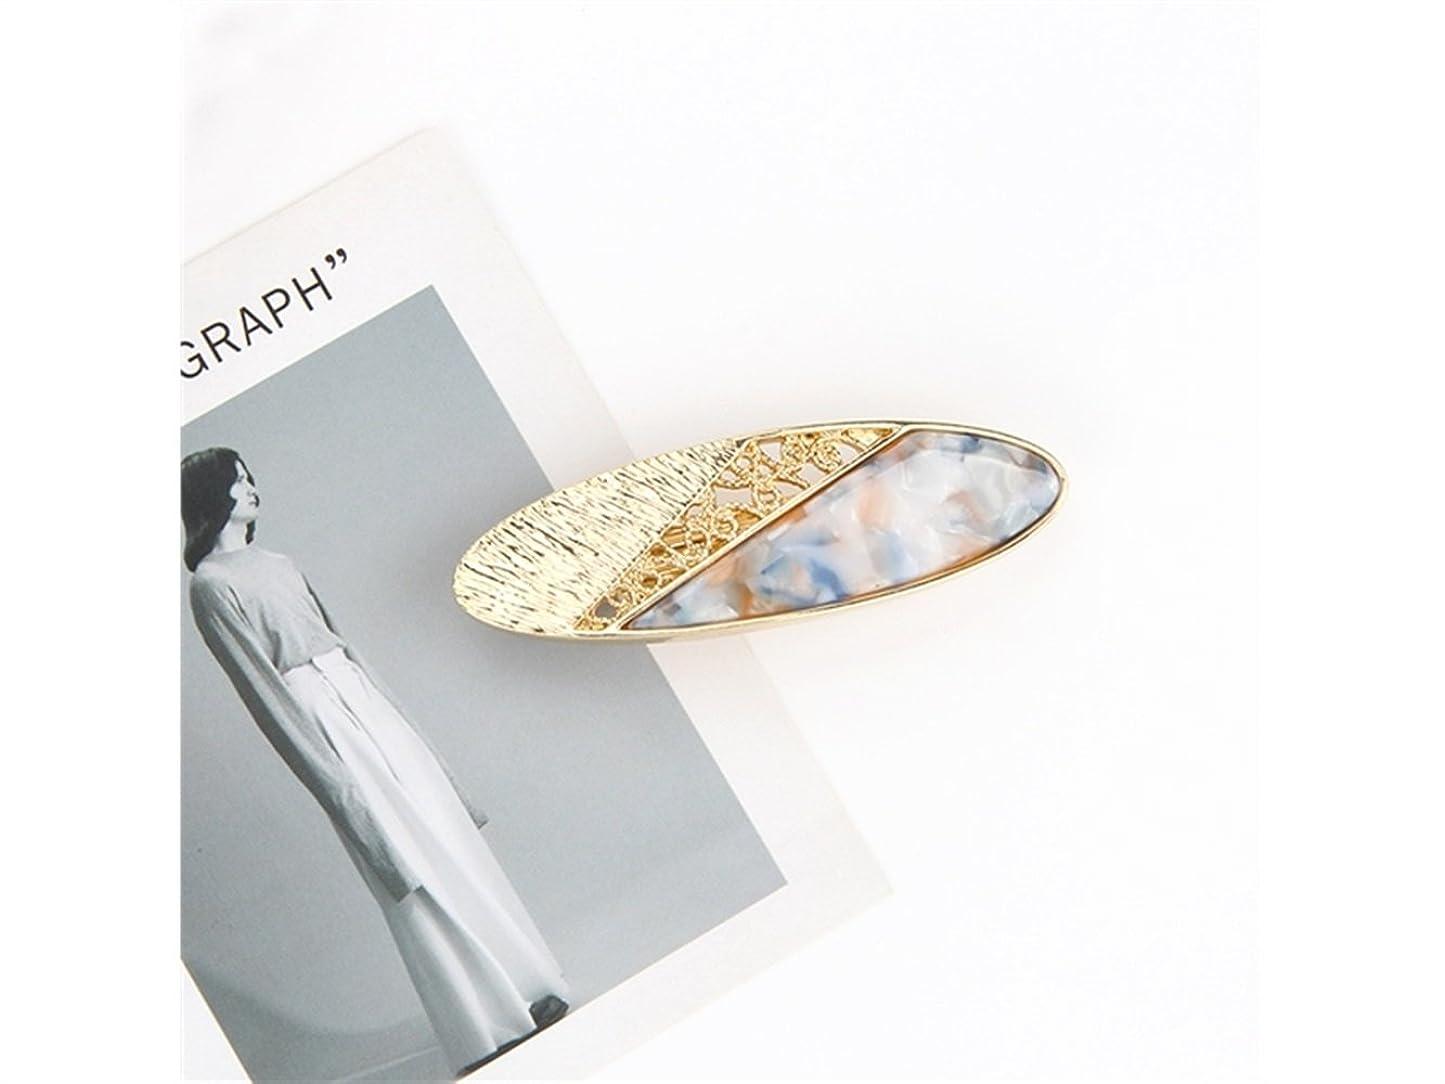 壊れたうれしい抗生物質Osize 美しいスタイル 女性のシンプルなファッションヘアピン合金中空オーバルスプリングクリップ(ライトレイクブルー)